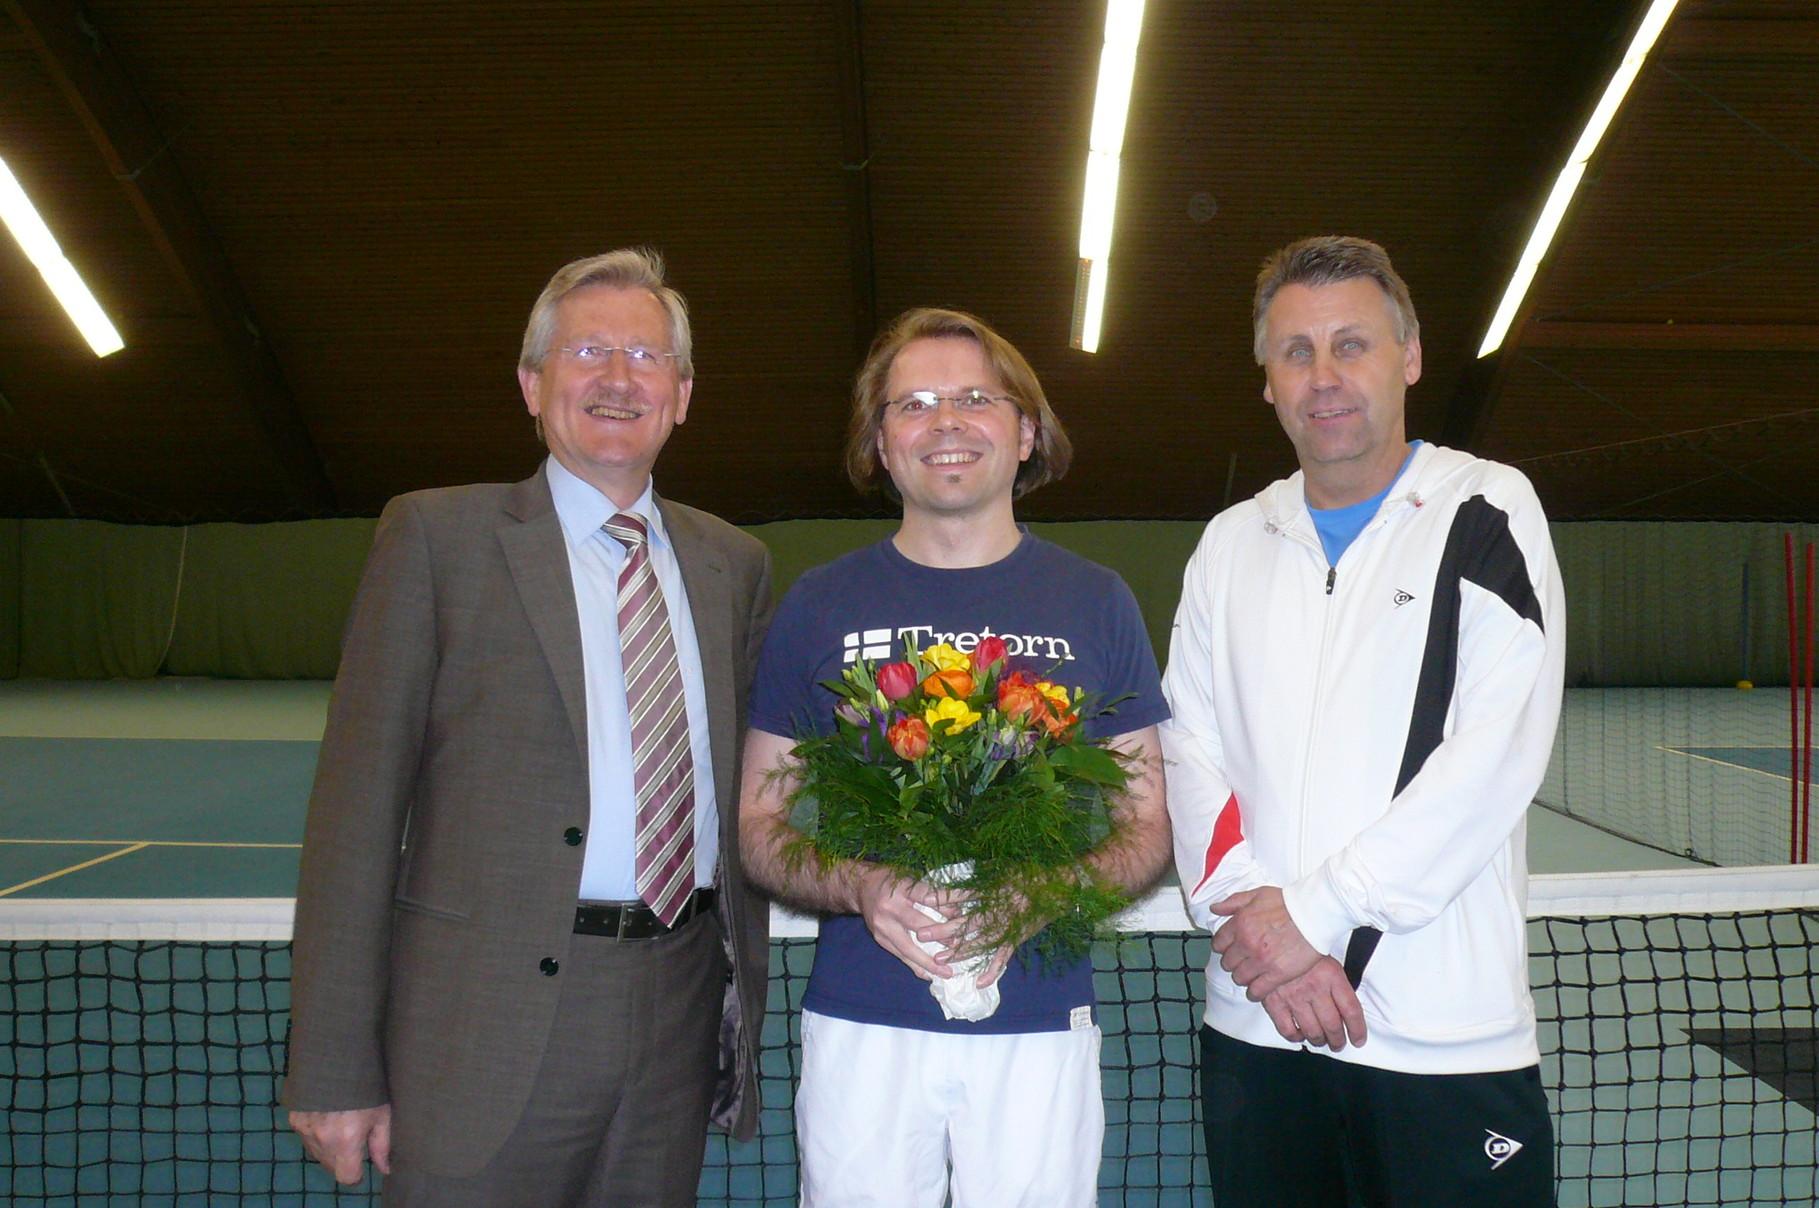 200. Mitglied der Tennissparte-Guido Tyroff